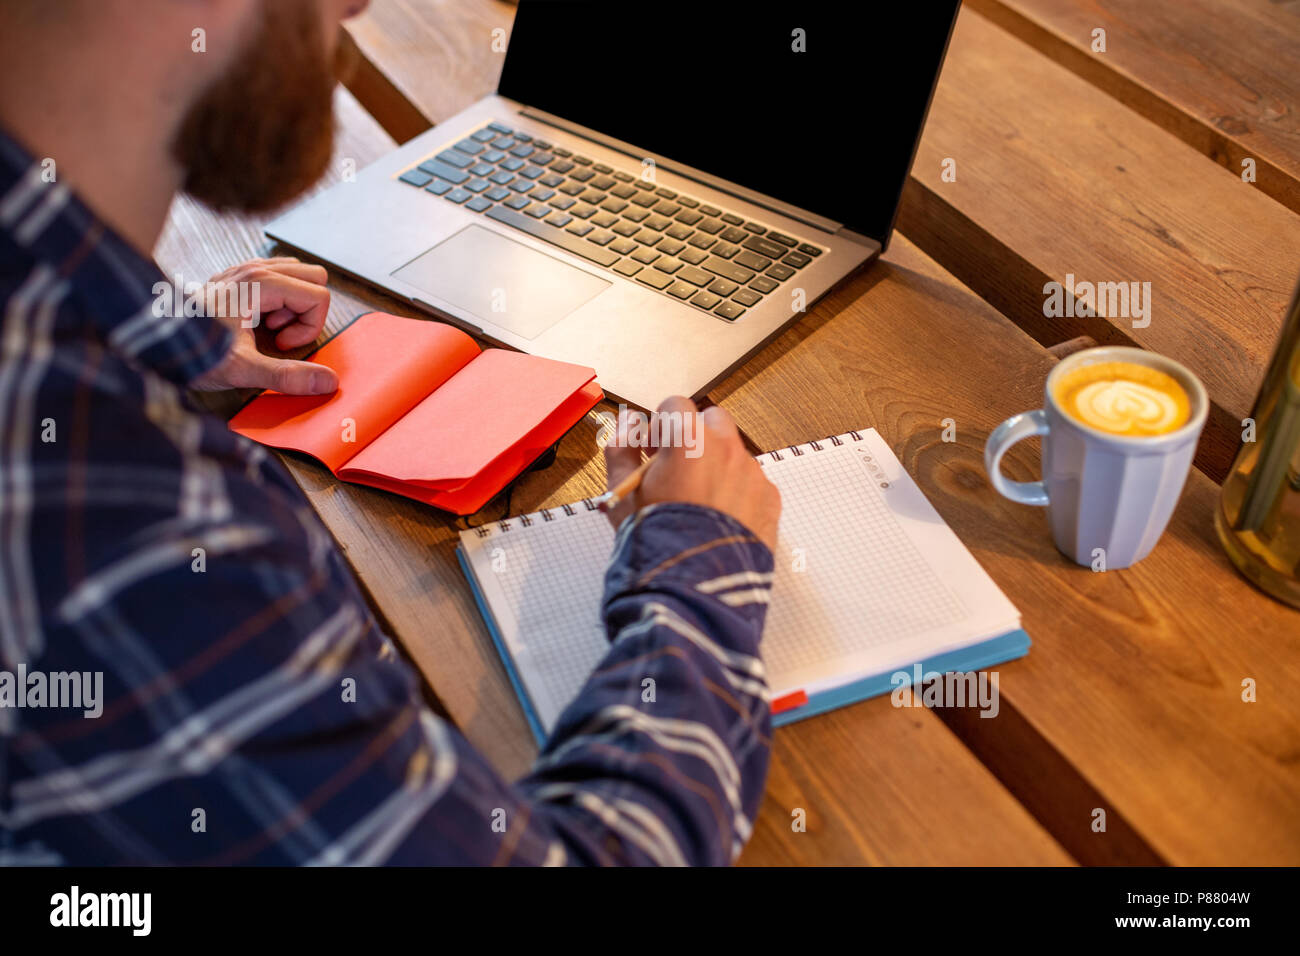 Immagine ritagliata di casual uomo d affari o la pianificazione del freelancer il suo lavoro sul notebook, lavorando sul computer portatile con smart phone, una tazza di caffè sul tavolo al coffee shop o home office. Immagini Stock